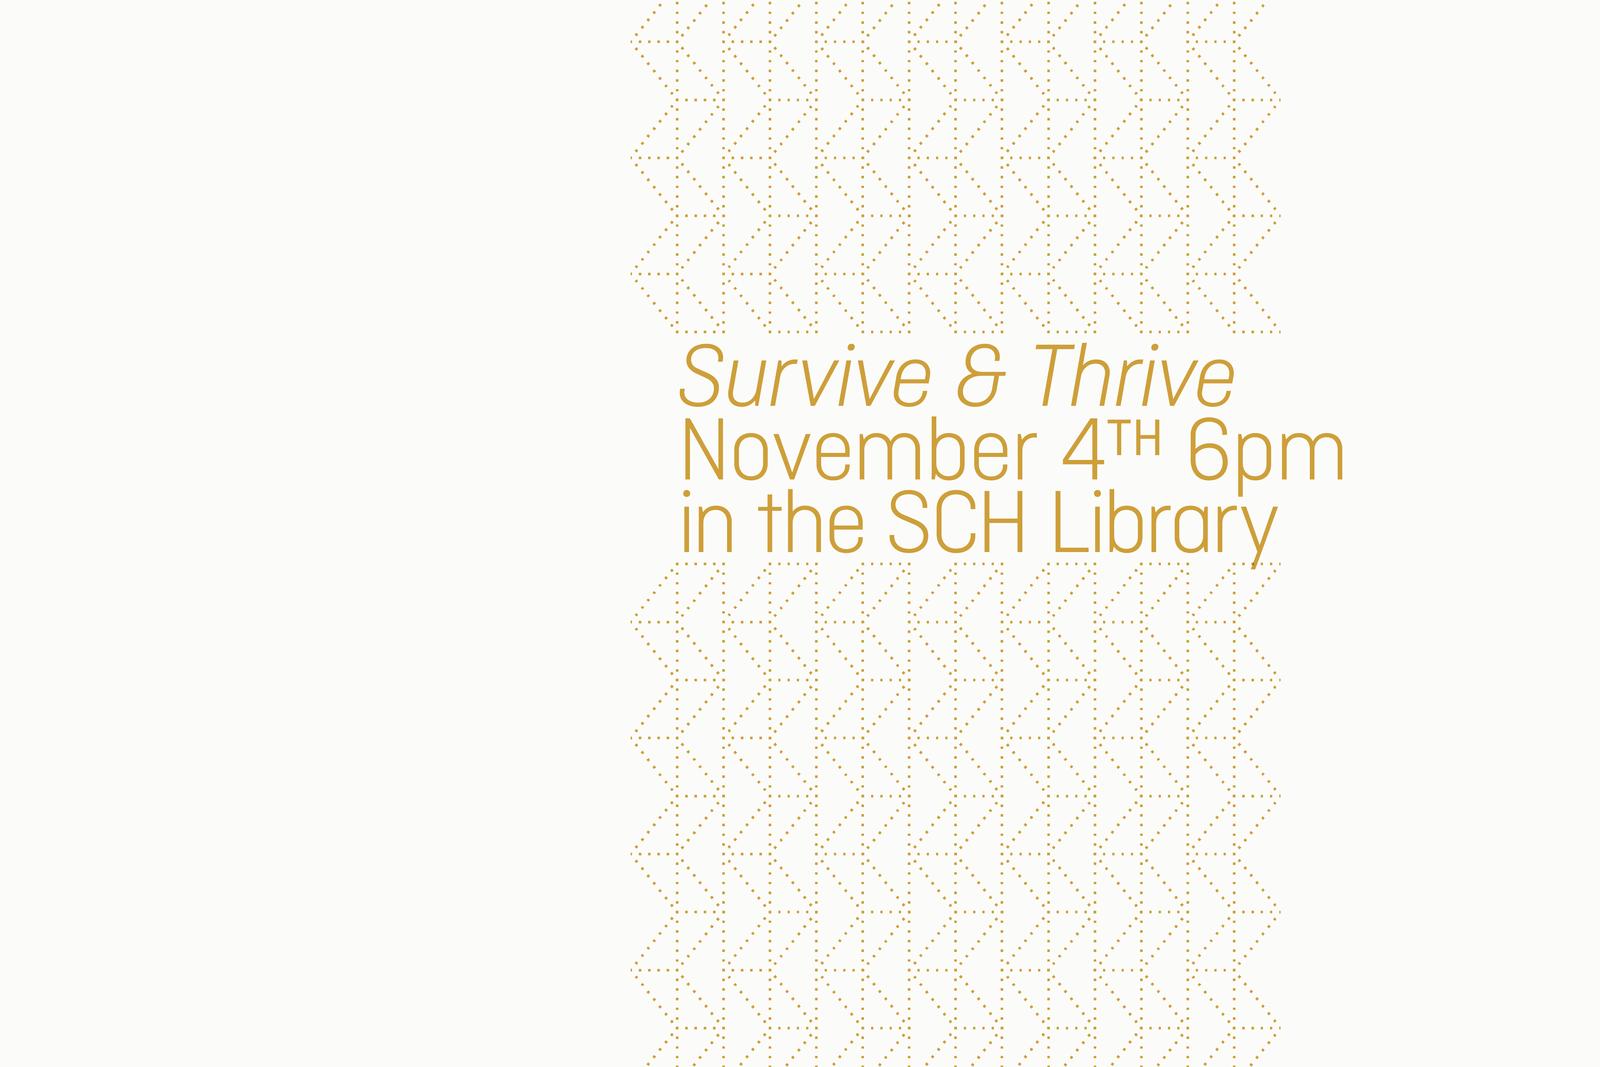 SCH_Survive & Thrive_Nov2018-03.png